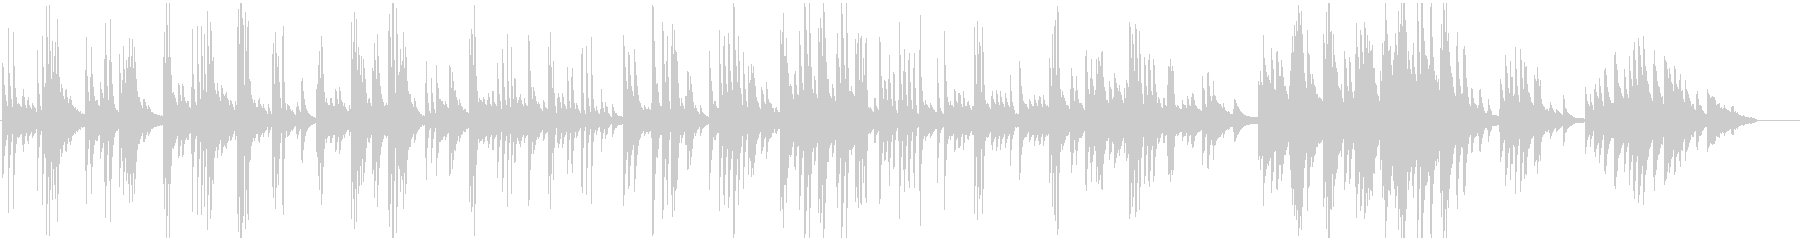 ピアノ一本によるバラード調の曲の未再生の波形